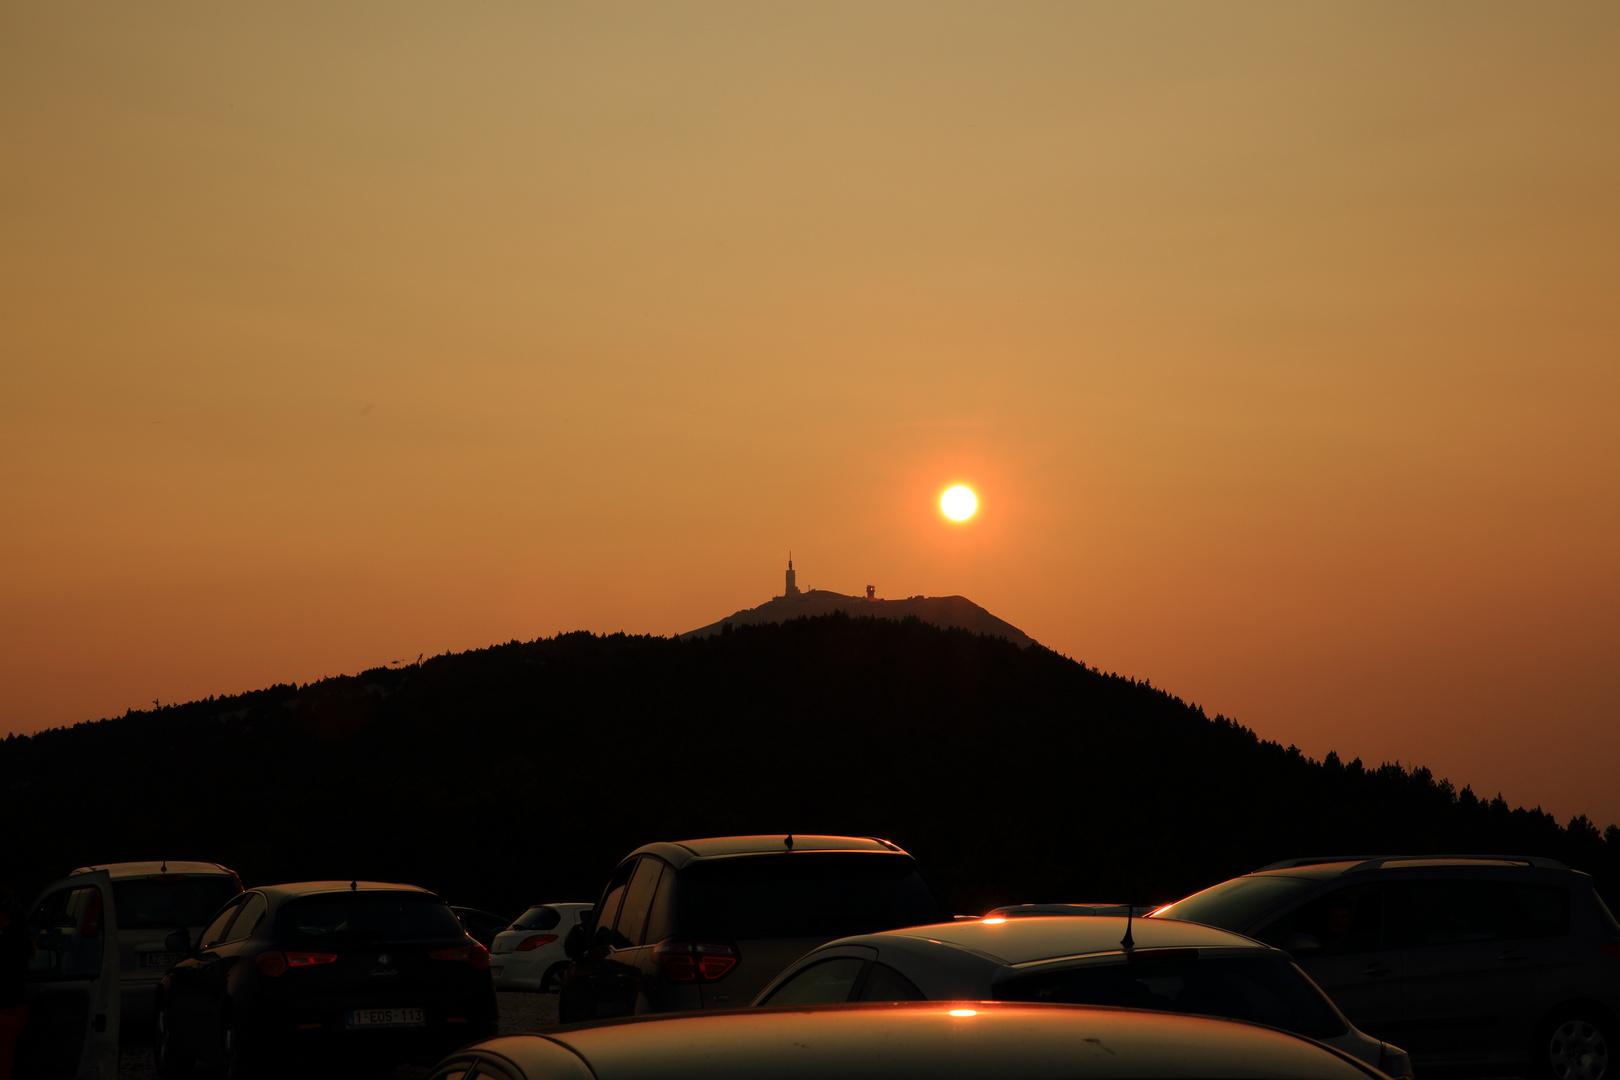 Sonnenuntergang am Mont-Ventoux